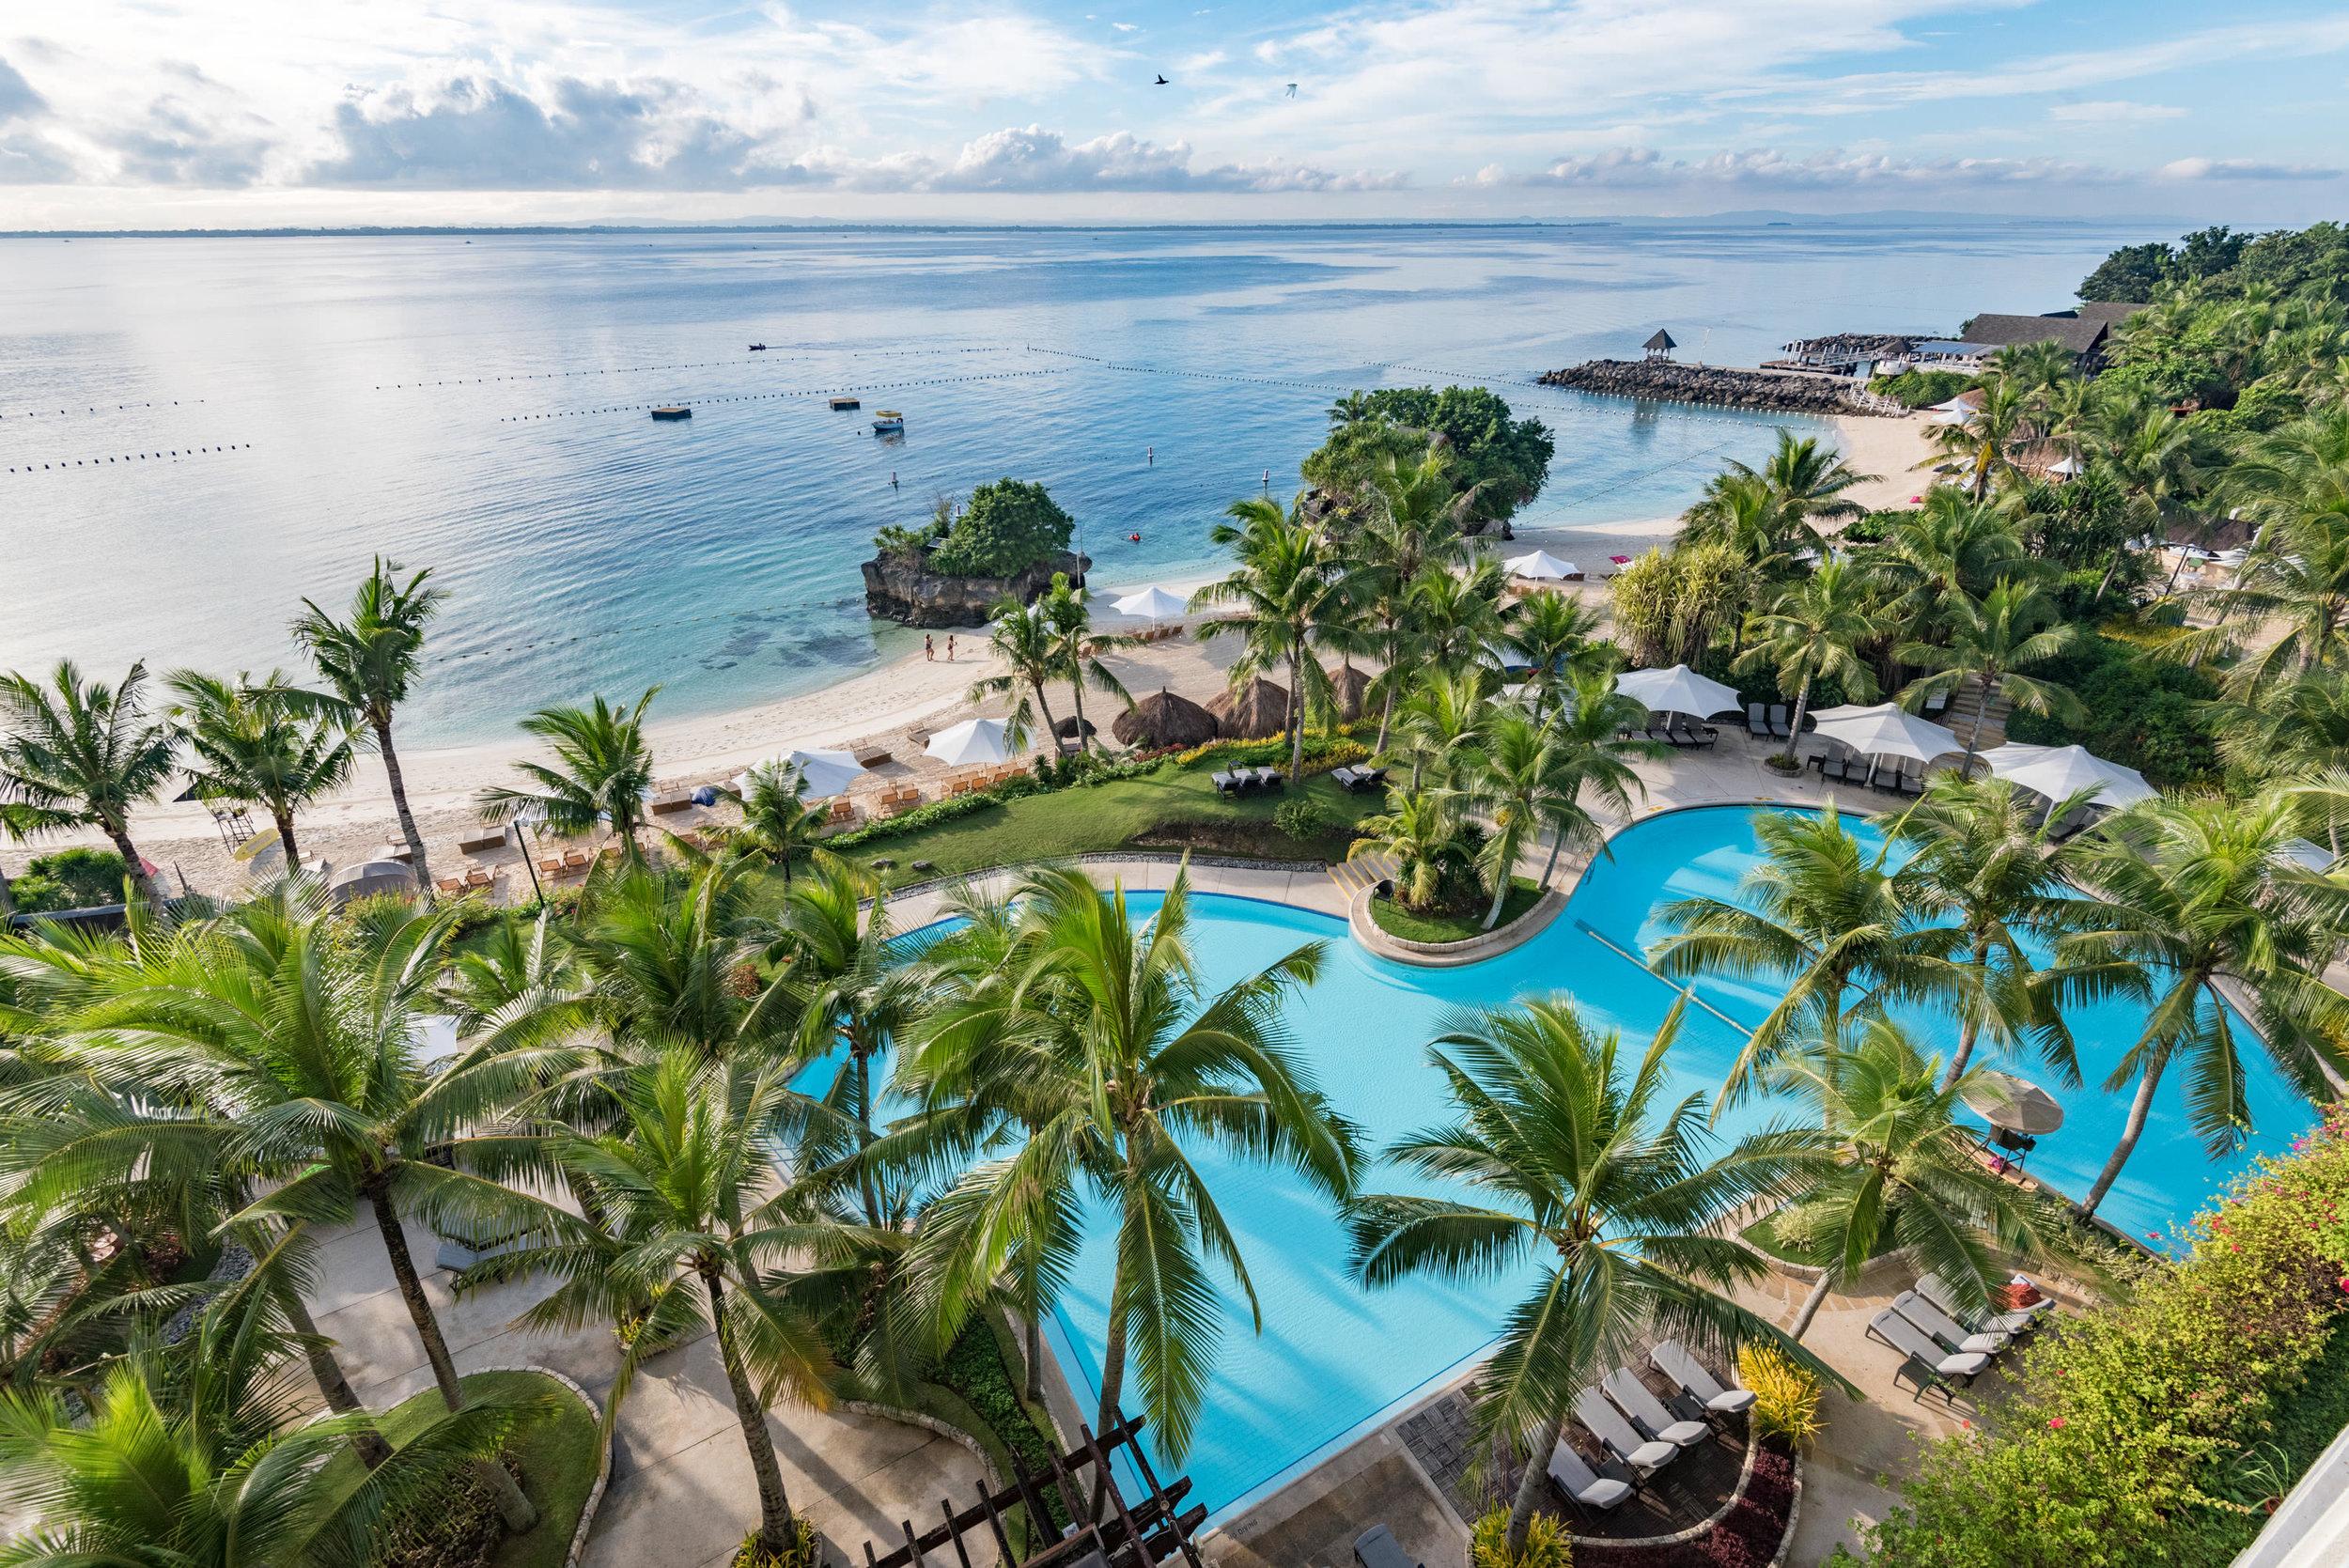 View of Swimming Pool from Balcony - Ocean Wing Panorama Room  Shangri-La's Mactan Resort and Spa, Cebu